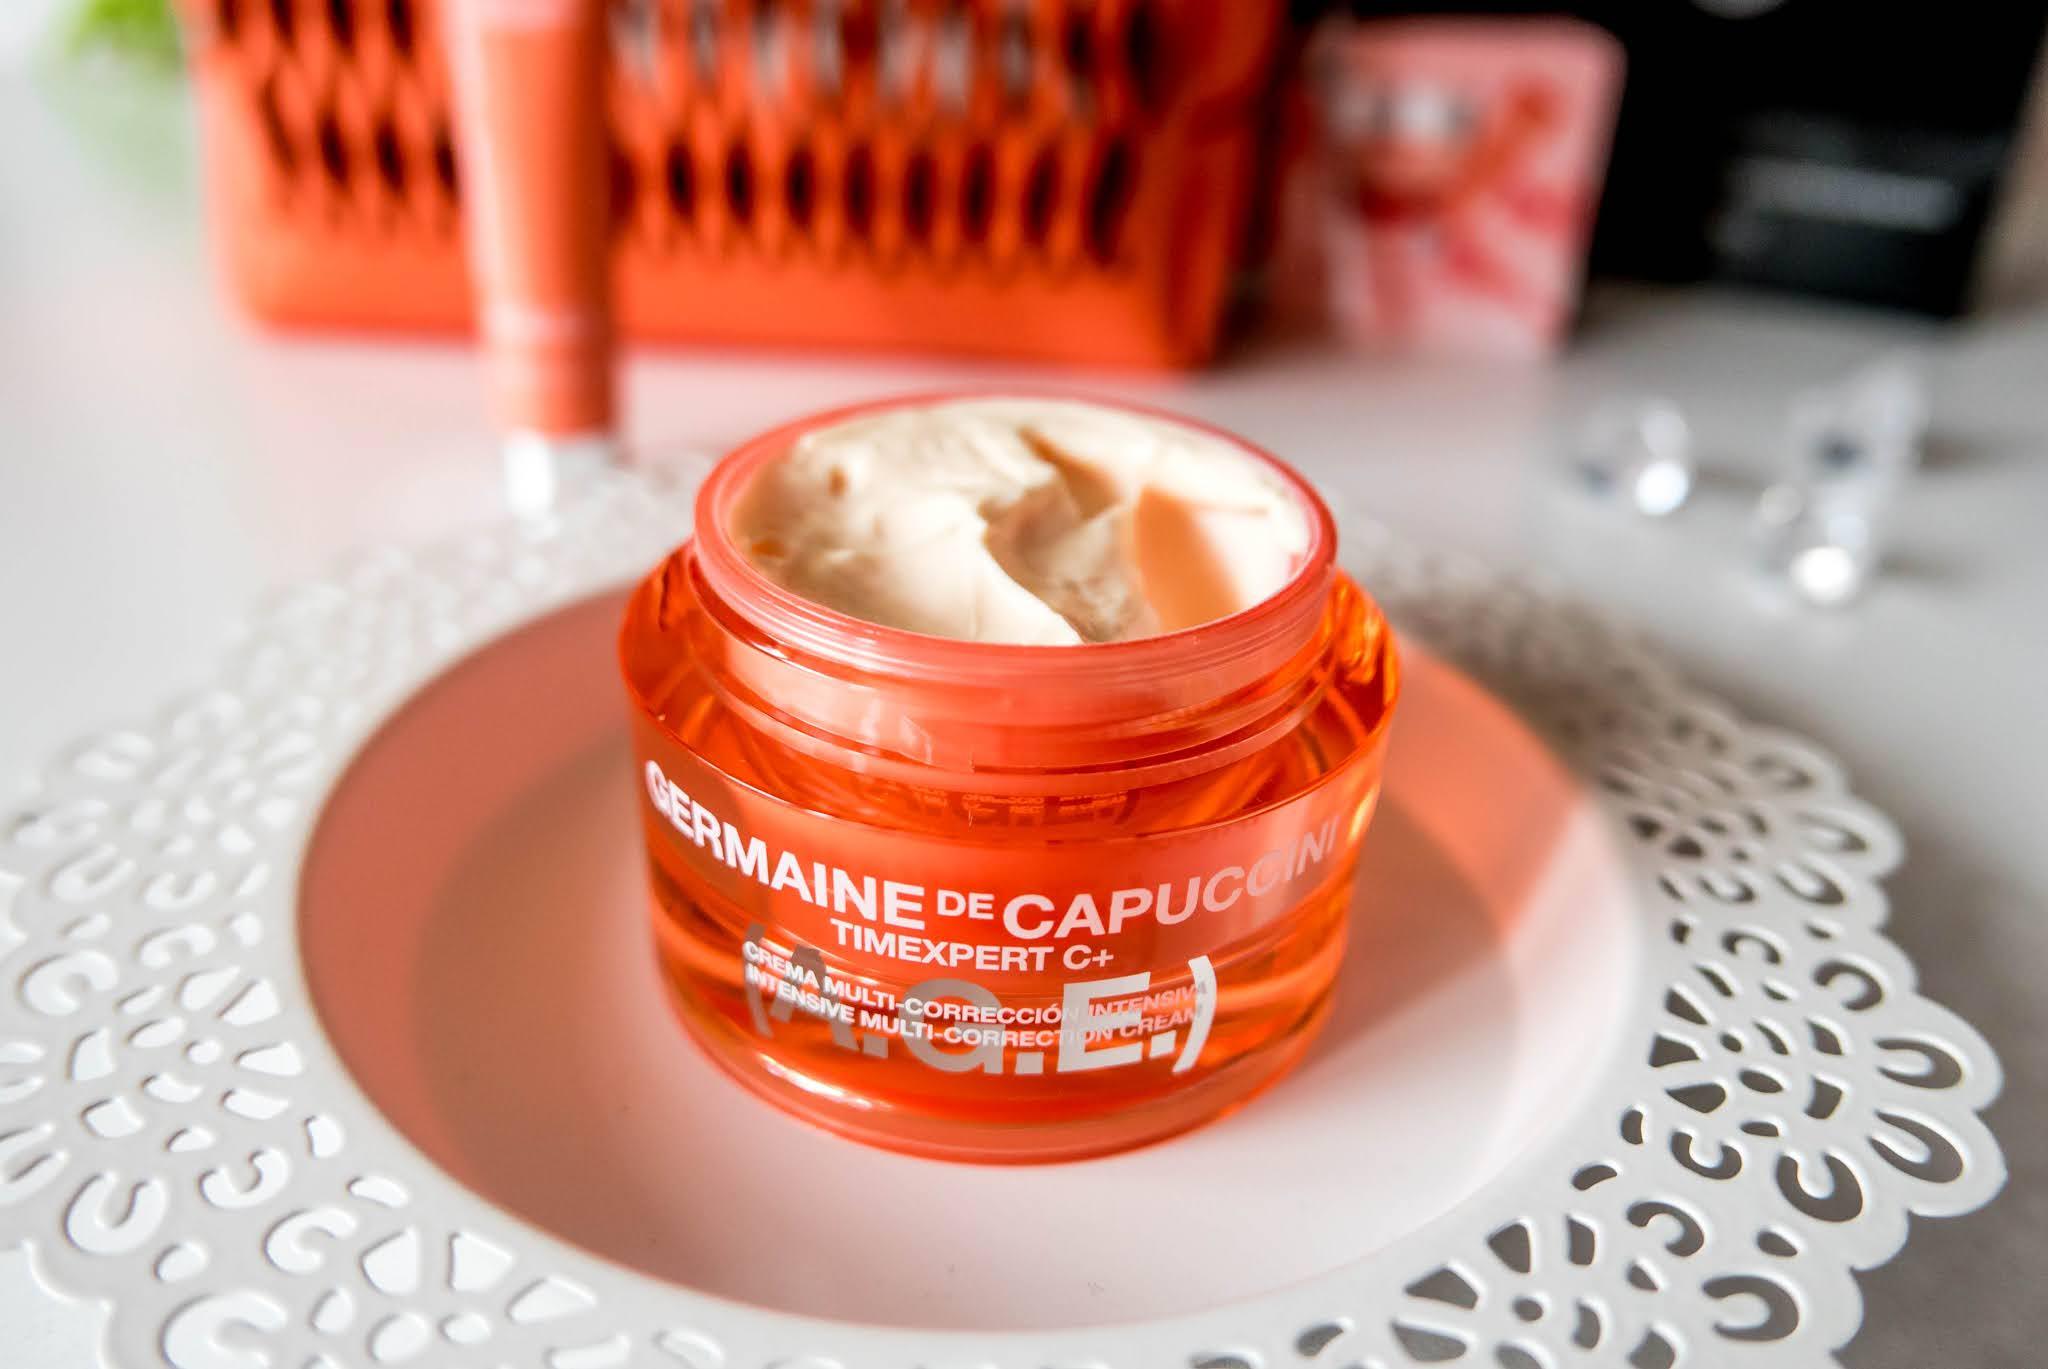 najlepsze kosmetyki ze sklepu Topestetic